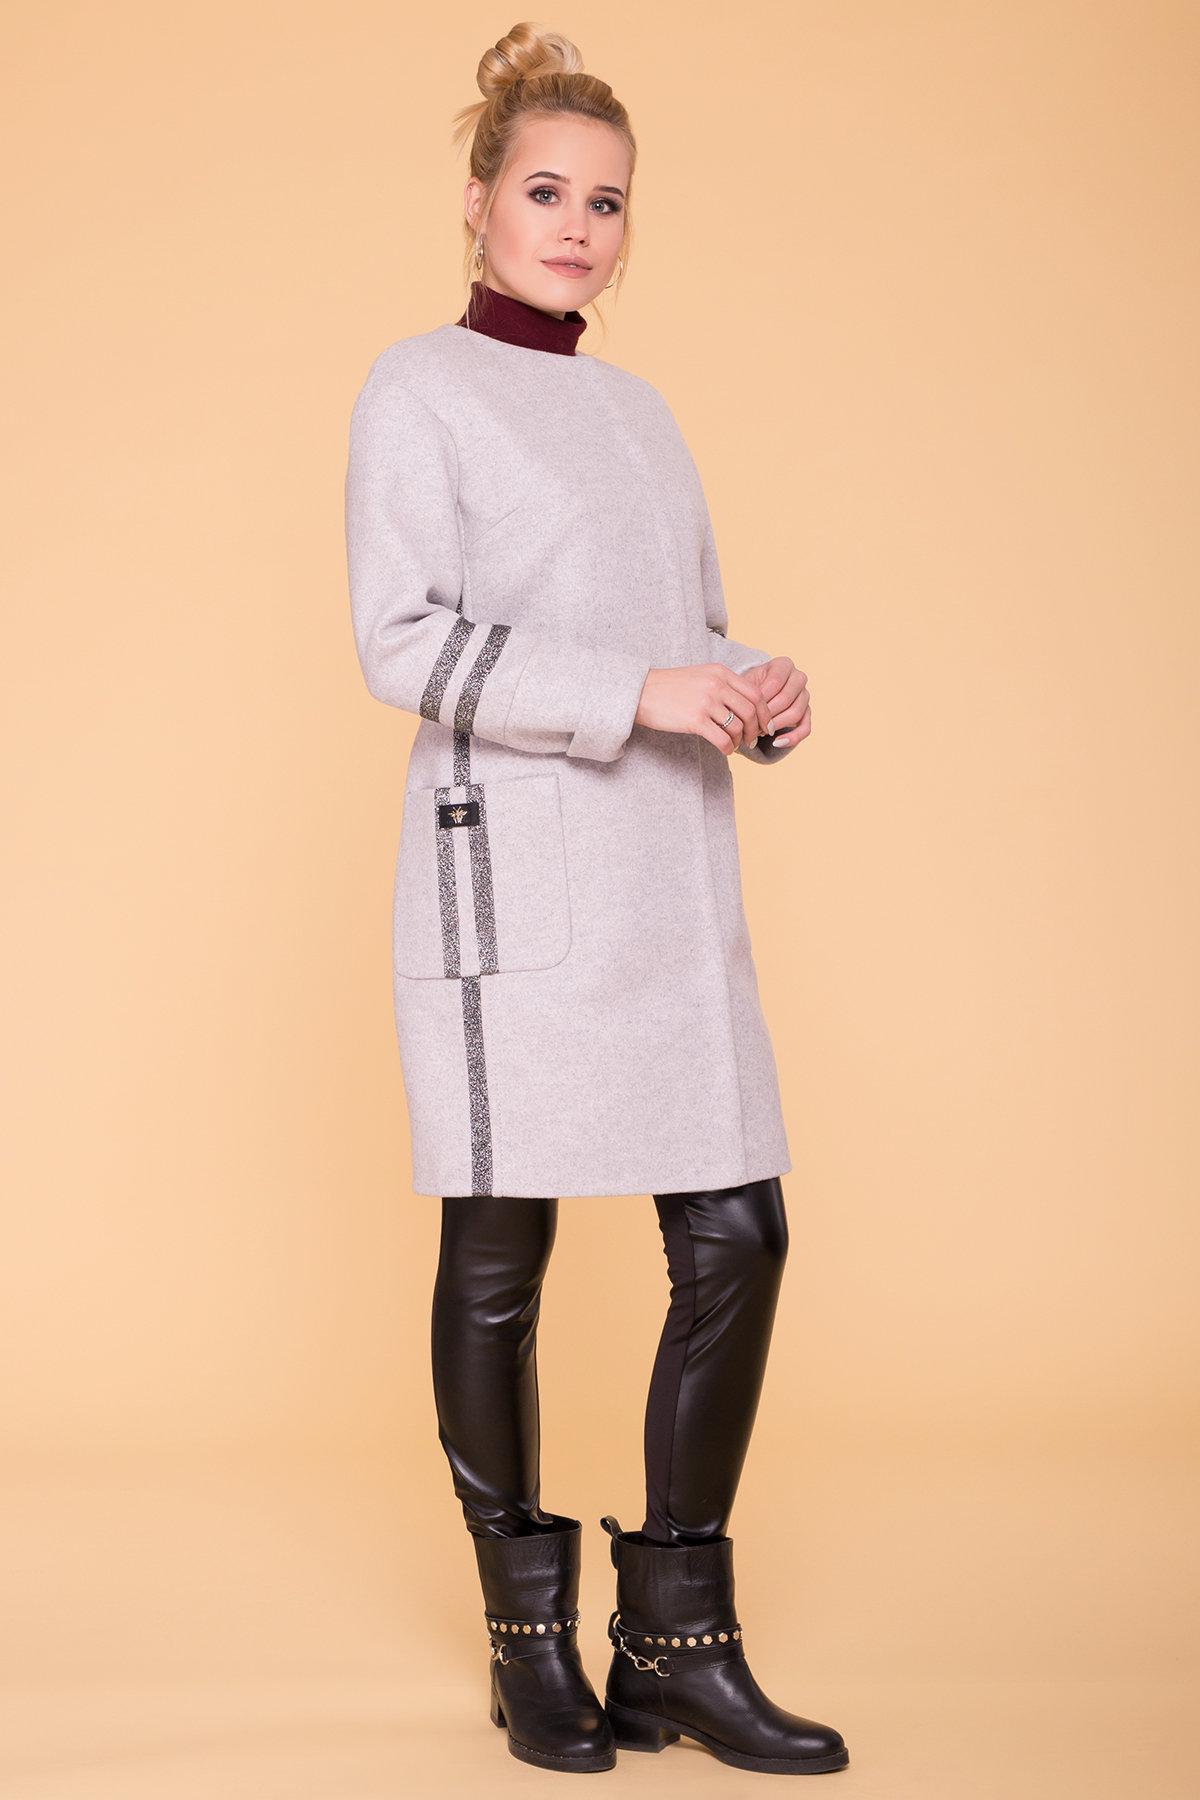 Пальто Приоритет лайт 6307 АРТ. 41093 Цвет: Серый Светлый 27 - фото 4, интернет магазин tm-modus.ru